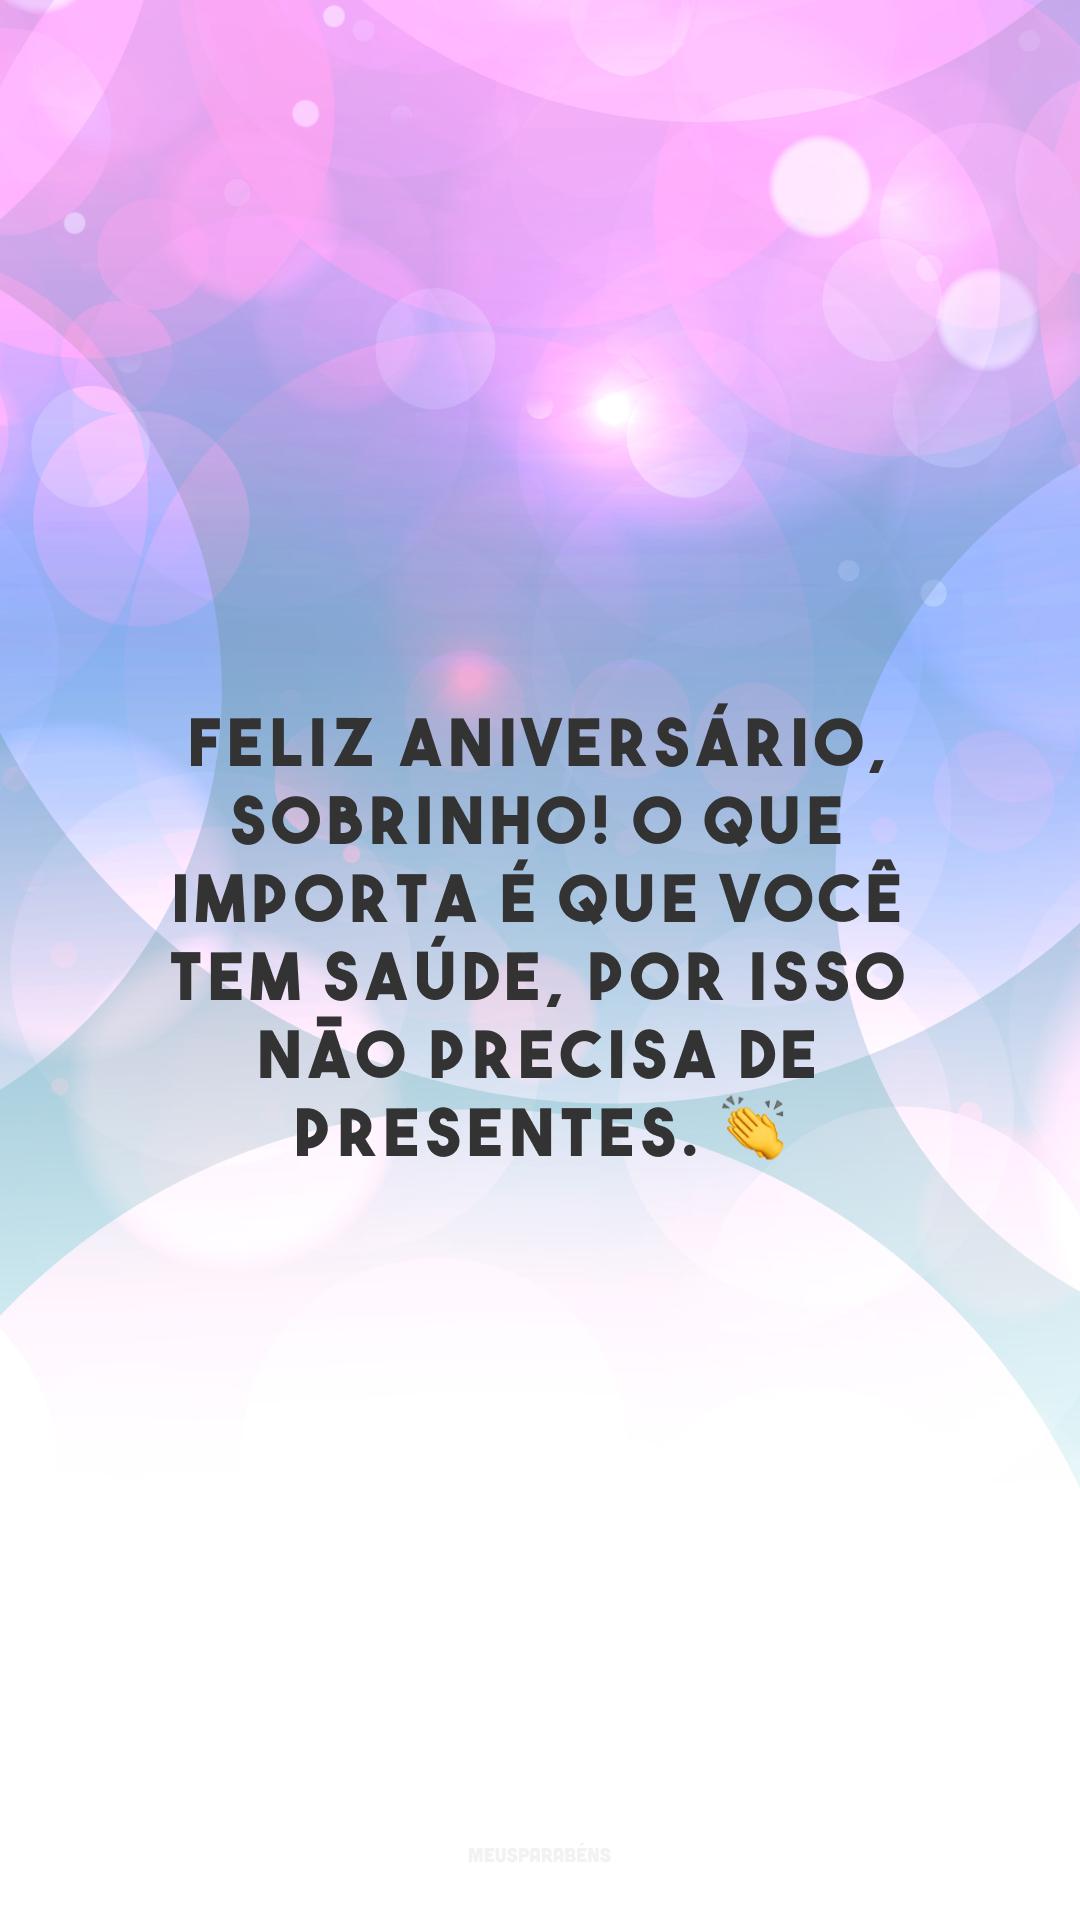 Feliz aniversário, sobrinho! O que importa é que você tem saúde, por isso não precisa de presentes. 👏